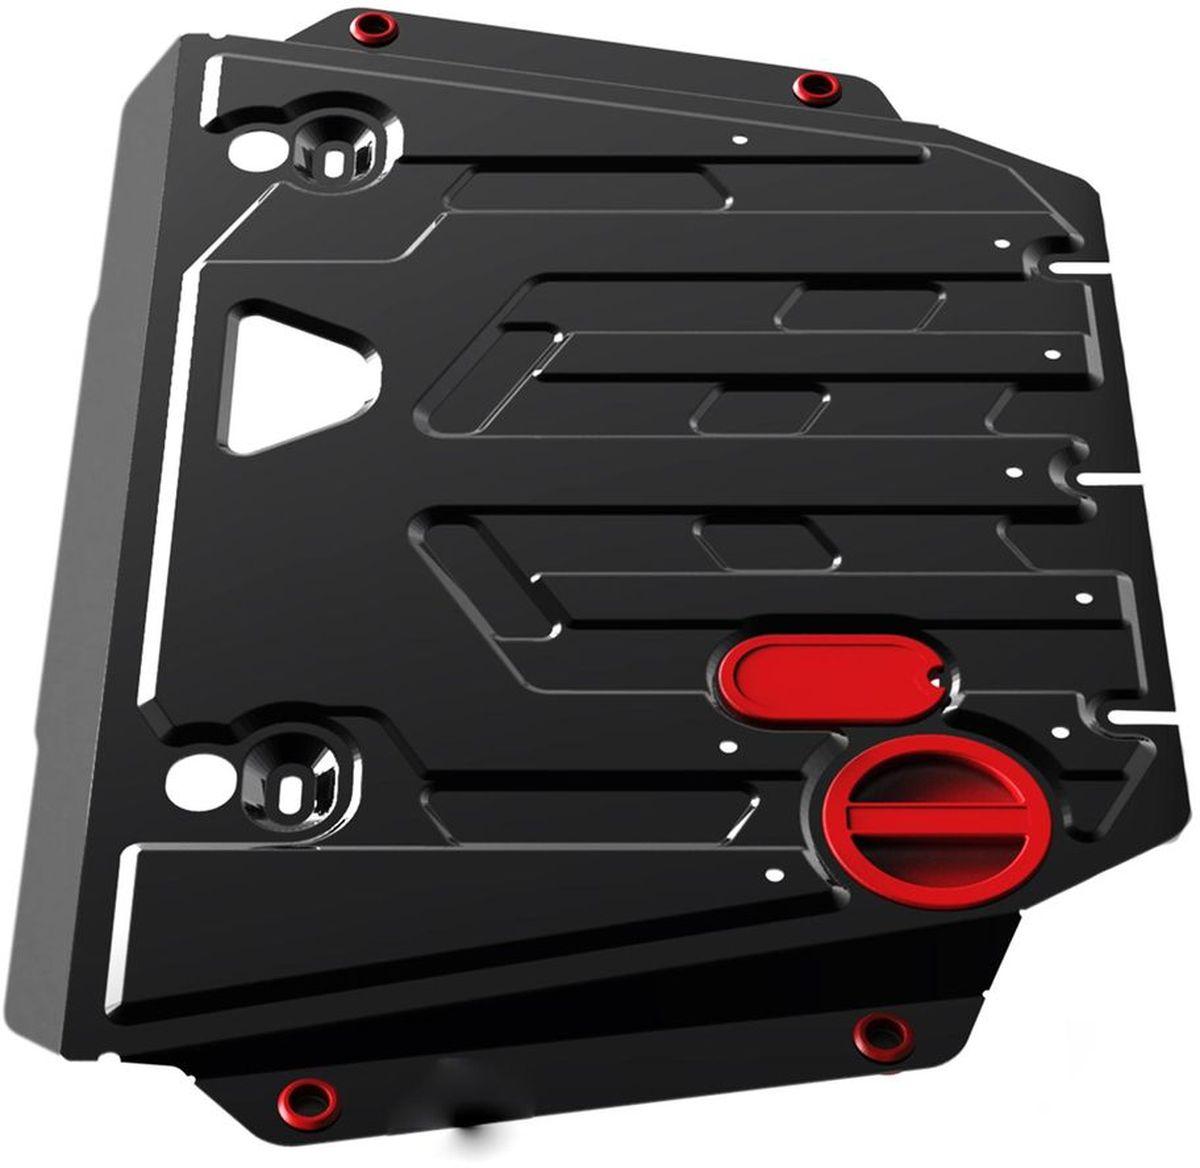 Защита картера и КПП Автоброня, для Hyundai Santa Fe 2006, V - 2,7 (2006-2009)111.02309.2Технологически совершенный продукт за невысокую стоимость. Защита разработана с учетом особенностей днища автомобиля, что позволяет сохранить дорожный просвет с минимальным изменением. Защита устанавливается в штатные места кузова автомобиля. Глубокий штамп обеспечивает до двух раз больше жесткости в сравнении с обычной защитой той же толщины. Проштампованные ребра жесткости препятствуют деформации защиты при ударах. Тепловой зазор и вентиляционные отверстия обеспечивают сохранение температурного режима двигателя в норме. Скрытый крепеж предотвращает срыв крепежных элементов при наезде на препятствие. Шумопоглощающие резиновые элементы обеспечивают комфортную езду без вибраций и скрежета металла, а съемные лючки для слива масла и замены фильтра - экономию средств и время. Конструкция изделия не влияет на пассивную безопасность автомобиля (при ударе защита не воздействует на деформационные зоны кузова). Со штатным крепежом. В комплекте инструкция по установке....